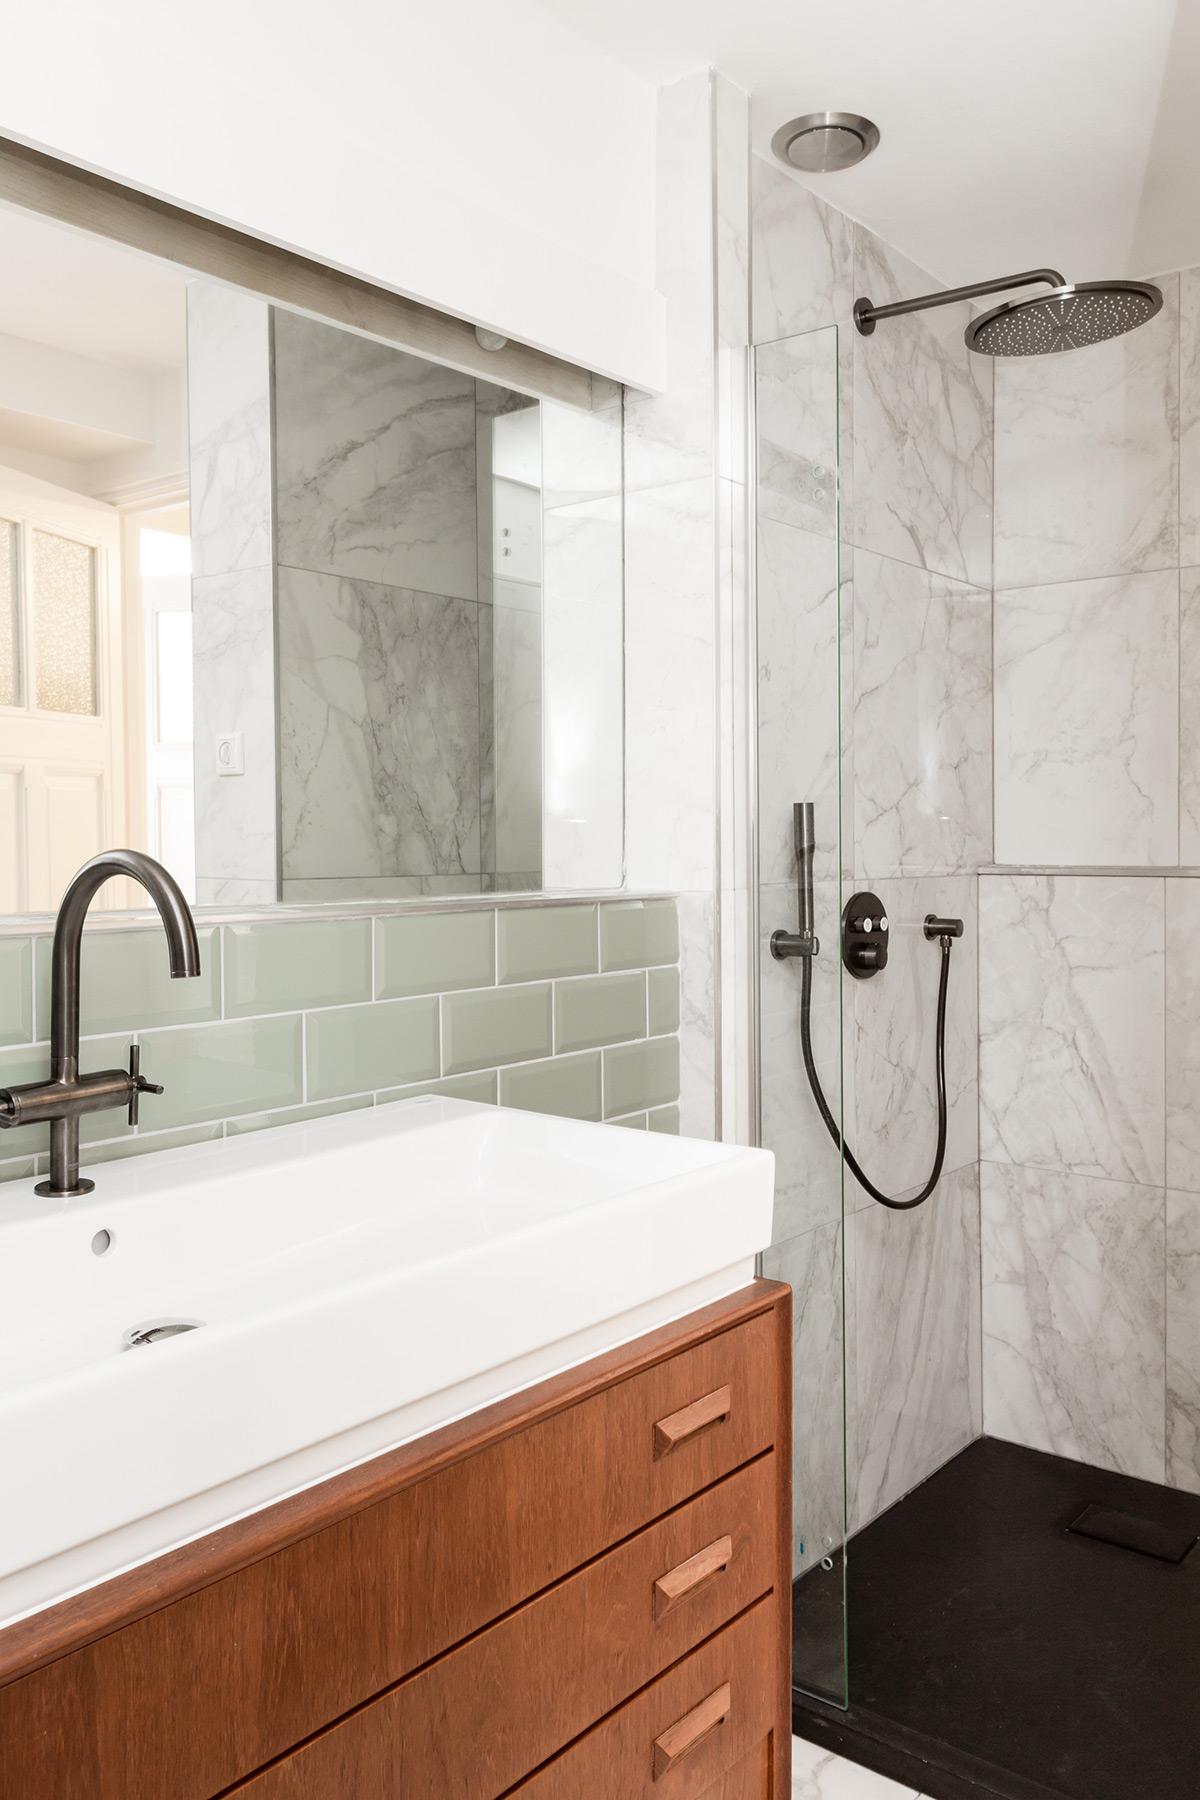 badkamer kraan Grohe Colours vtwonen verhuist 1